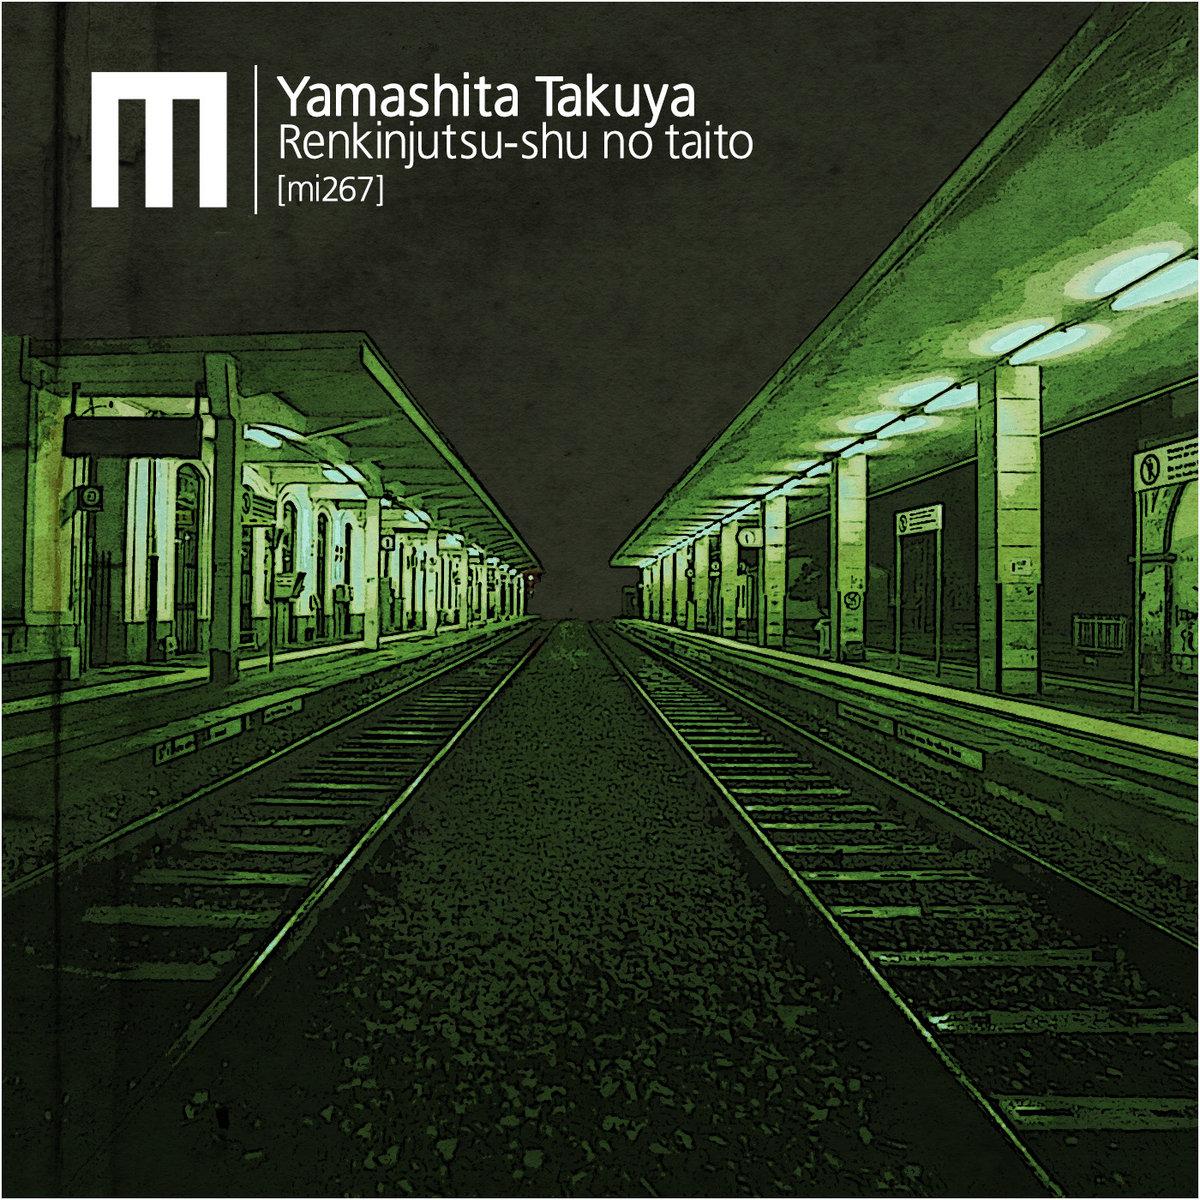 Yamashita Takuya – Renkinjutsu-shi no taitō